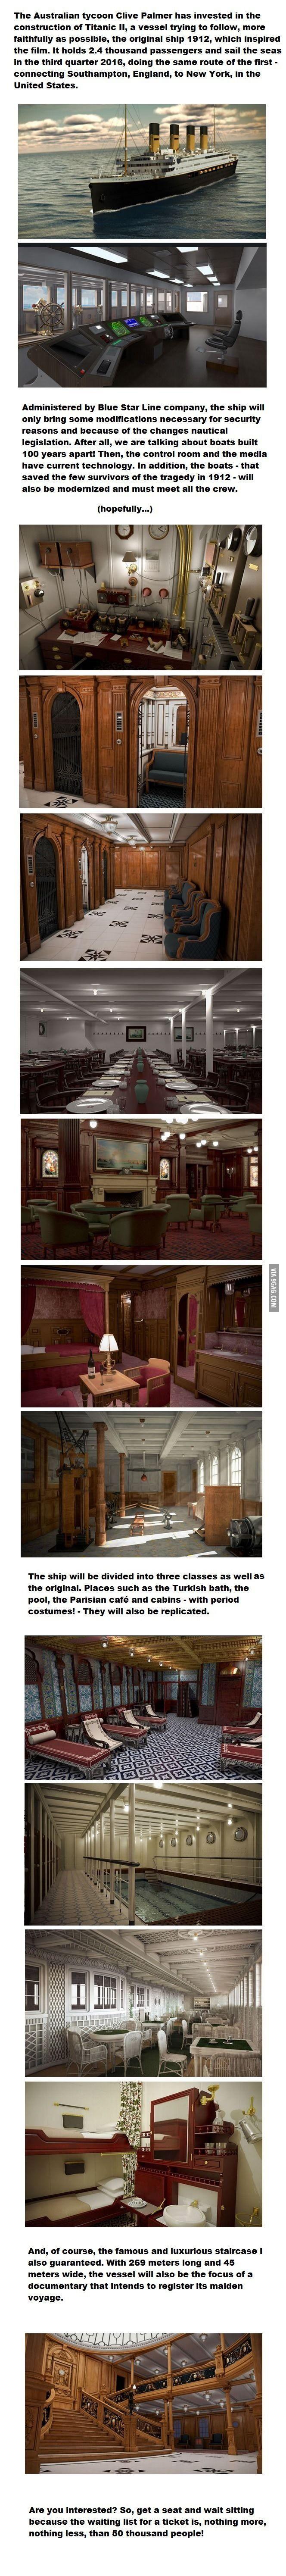 Titanic 2?